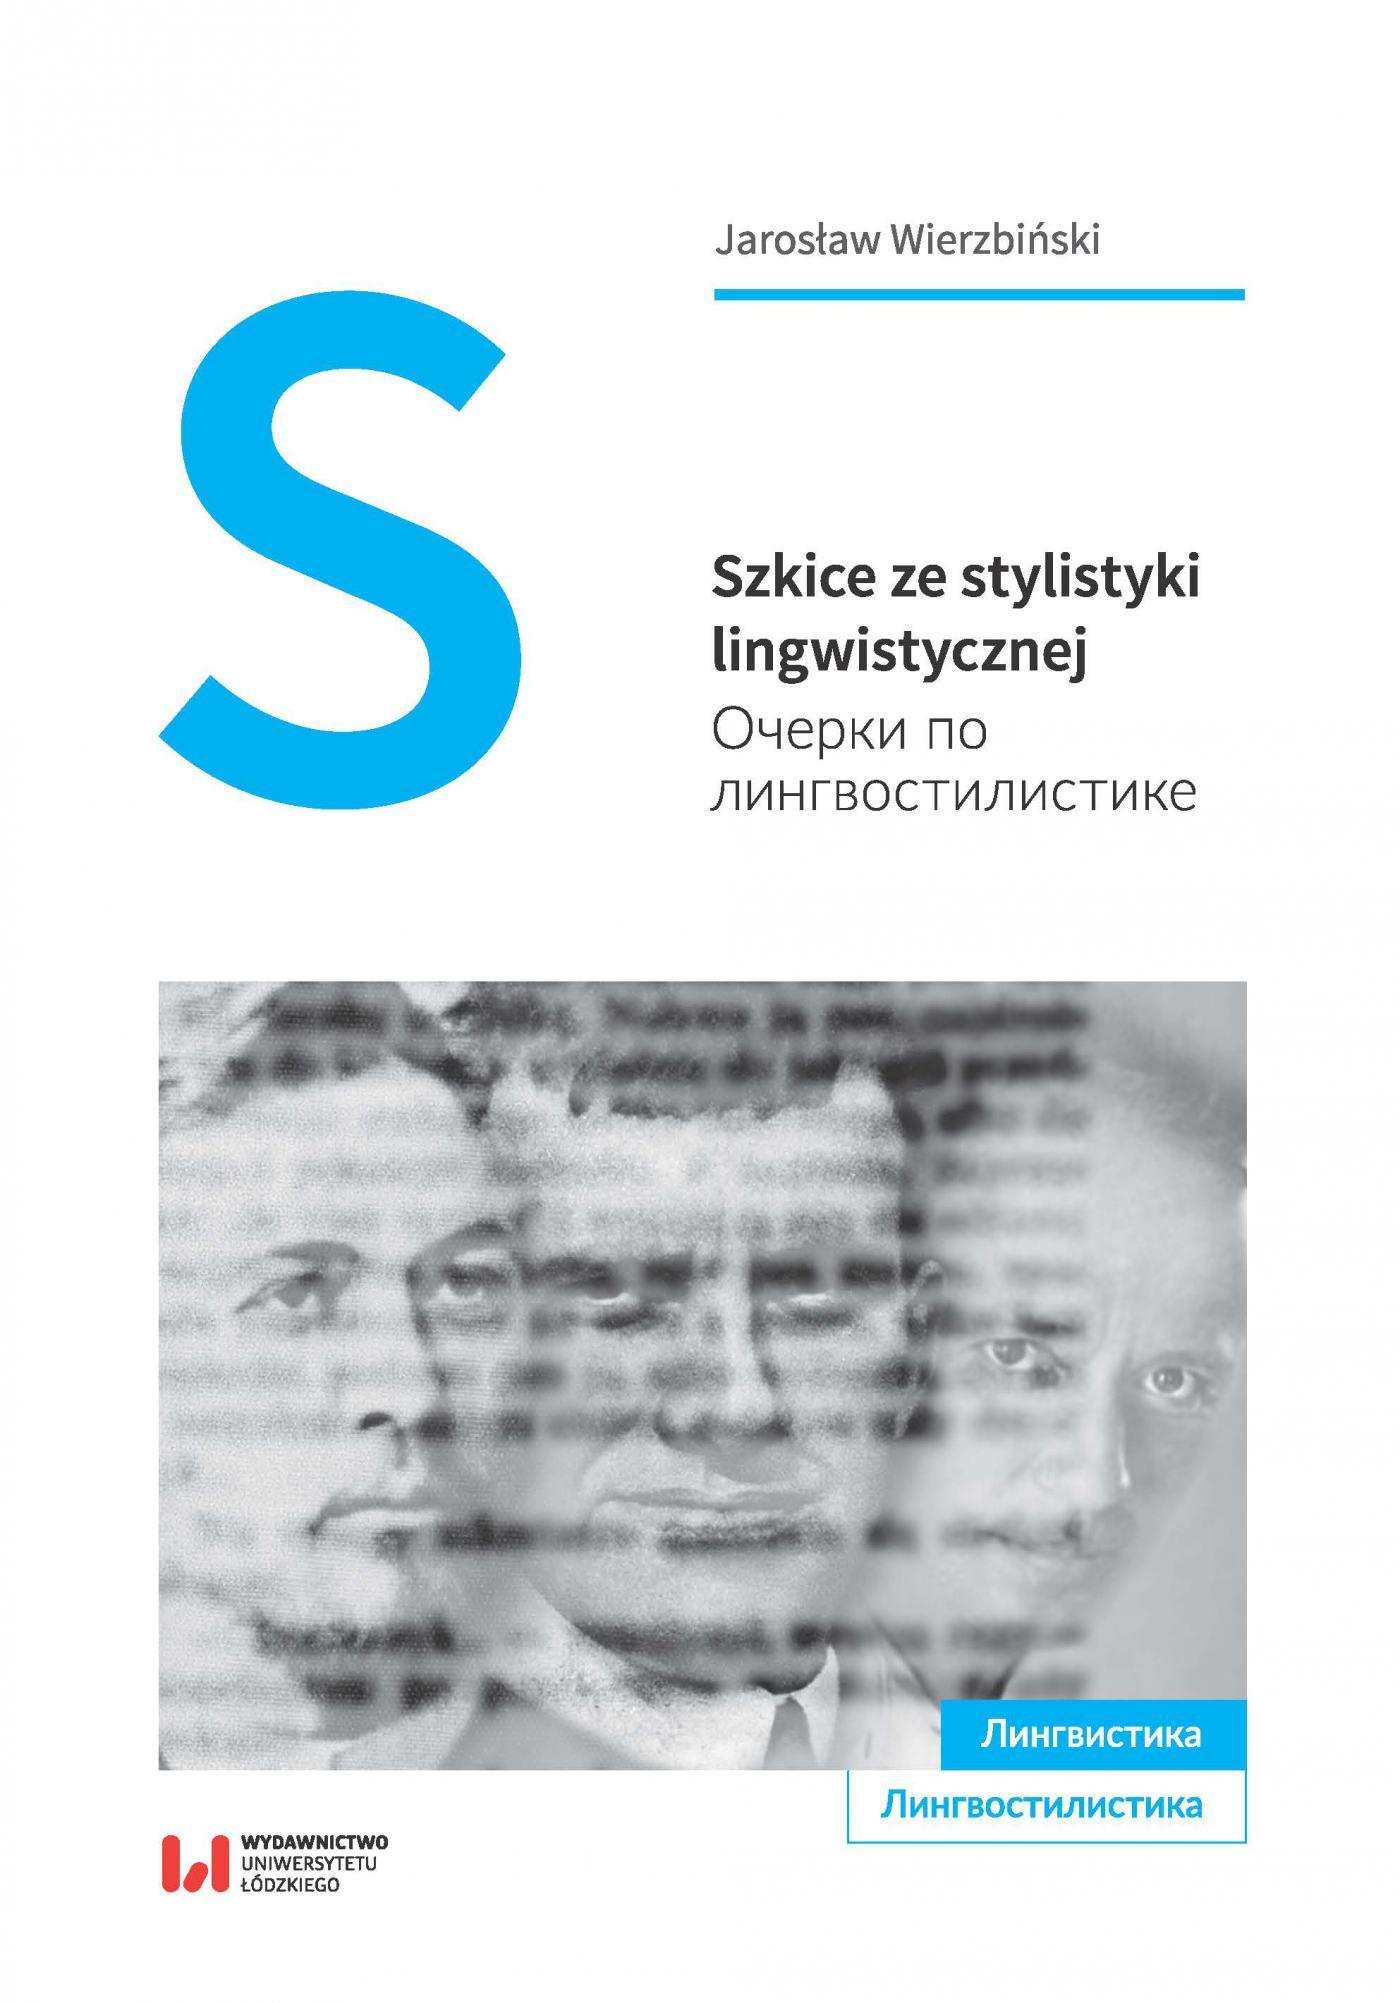 Szkice ze stylistyki lingwistycznej. Очерки по лингвостилистике - Ebook (Książka PDF) do pobrania w formacie PDF